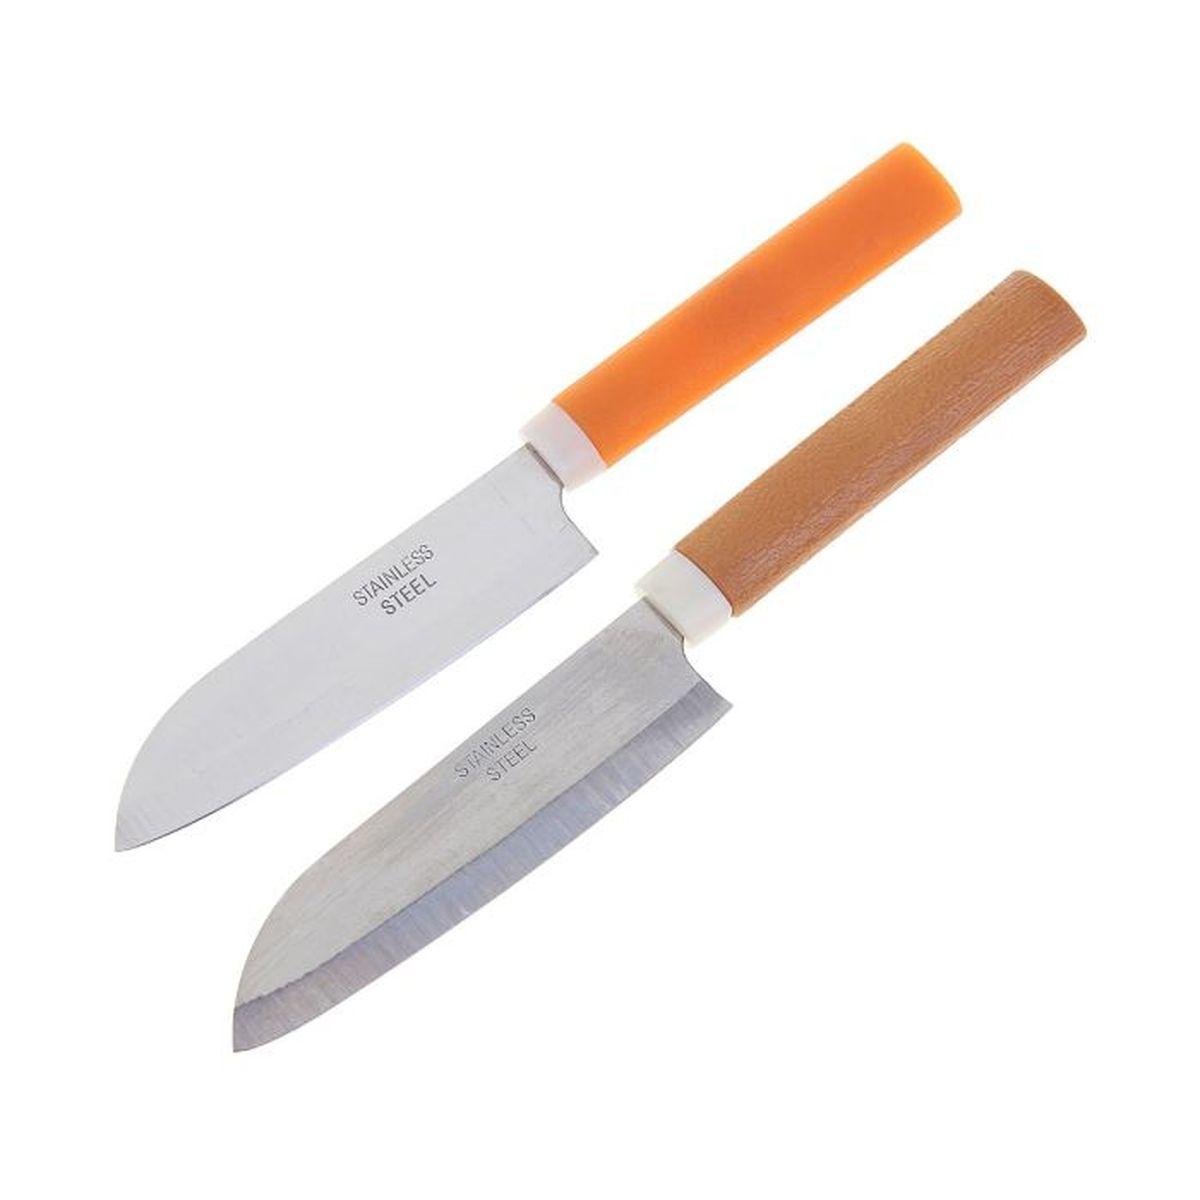 Нож Sima-land, 21,5 см. 12189391218939Лезвие ножа Sima-land выполнено из стали, ручка - из пластика. Нож – неотъемлемый атрибут настоящего мужчины. Издревле ножи и клинки вручались знатным особам за проявление отваги и чести на военной службе. Такие подарки очень ценились и становились семейными реликвиями. Сегодня нож - это прекрасный подарок, который подойдет любому мужчине.Размеры: 21,5 х 1,4 х 4 см. В комплекте пластиковый чехол.